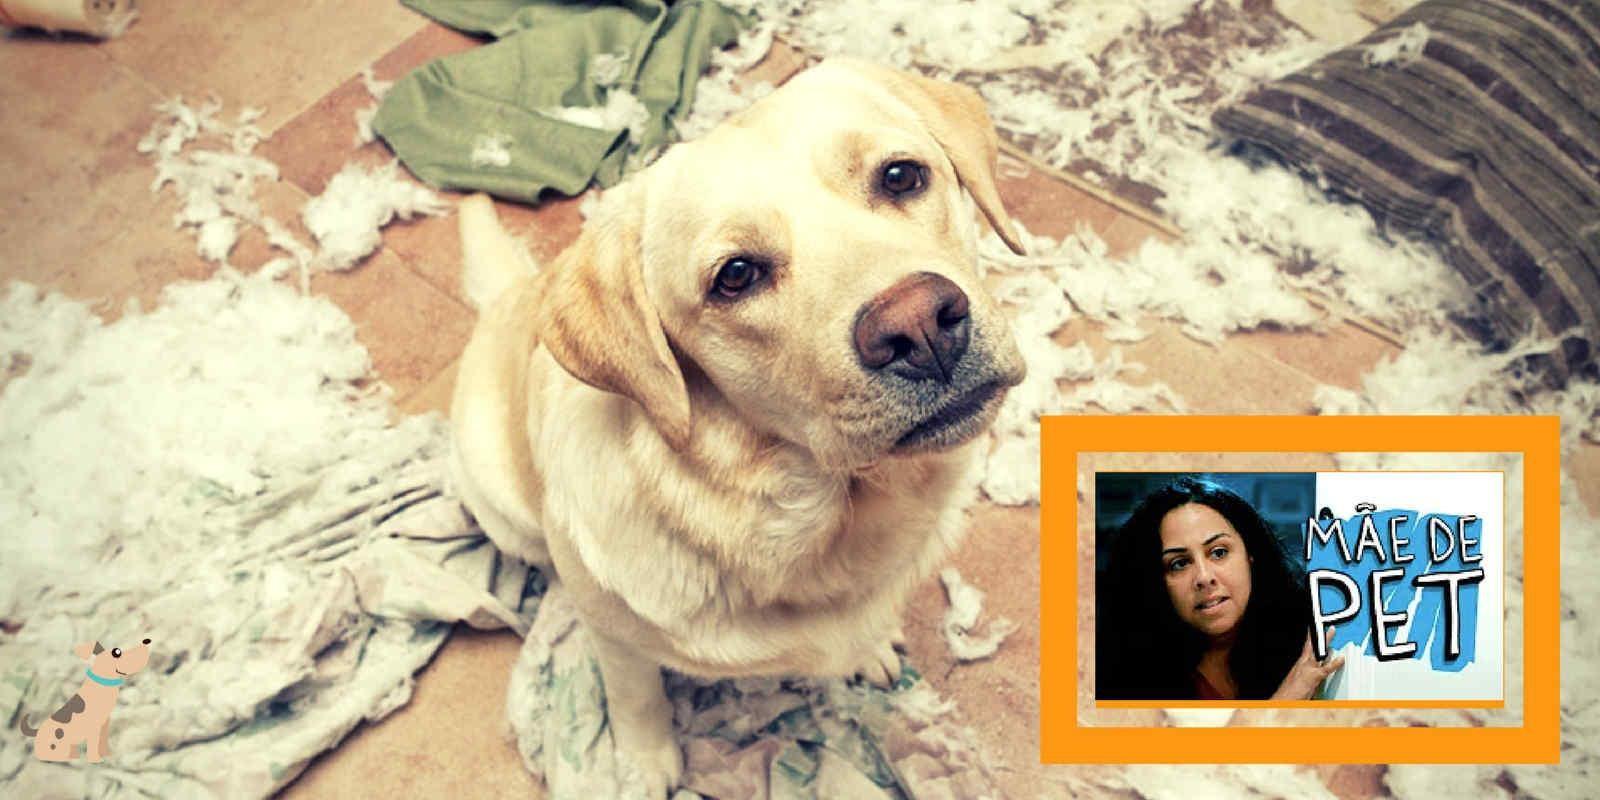 Lambeijos, Carla Ruas - Você é Refém do seu Cão? [Vídeo Porta dos Fundos]